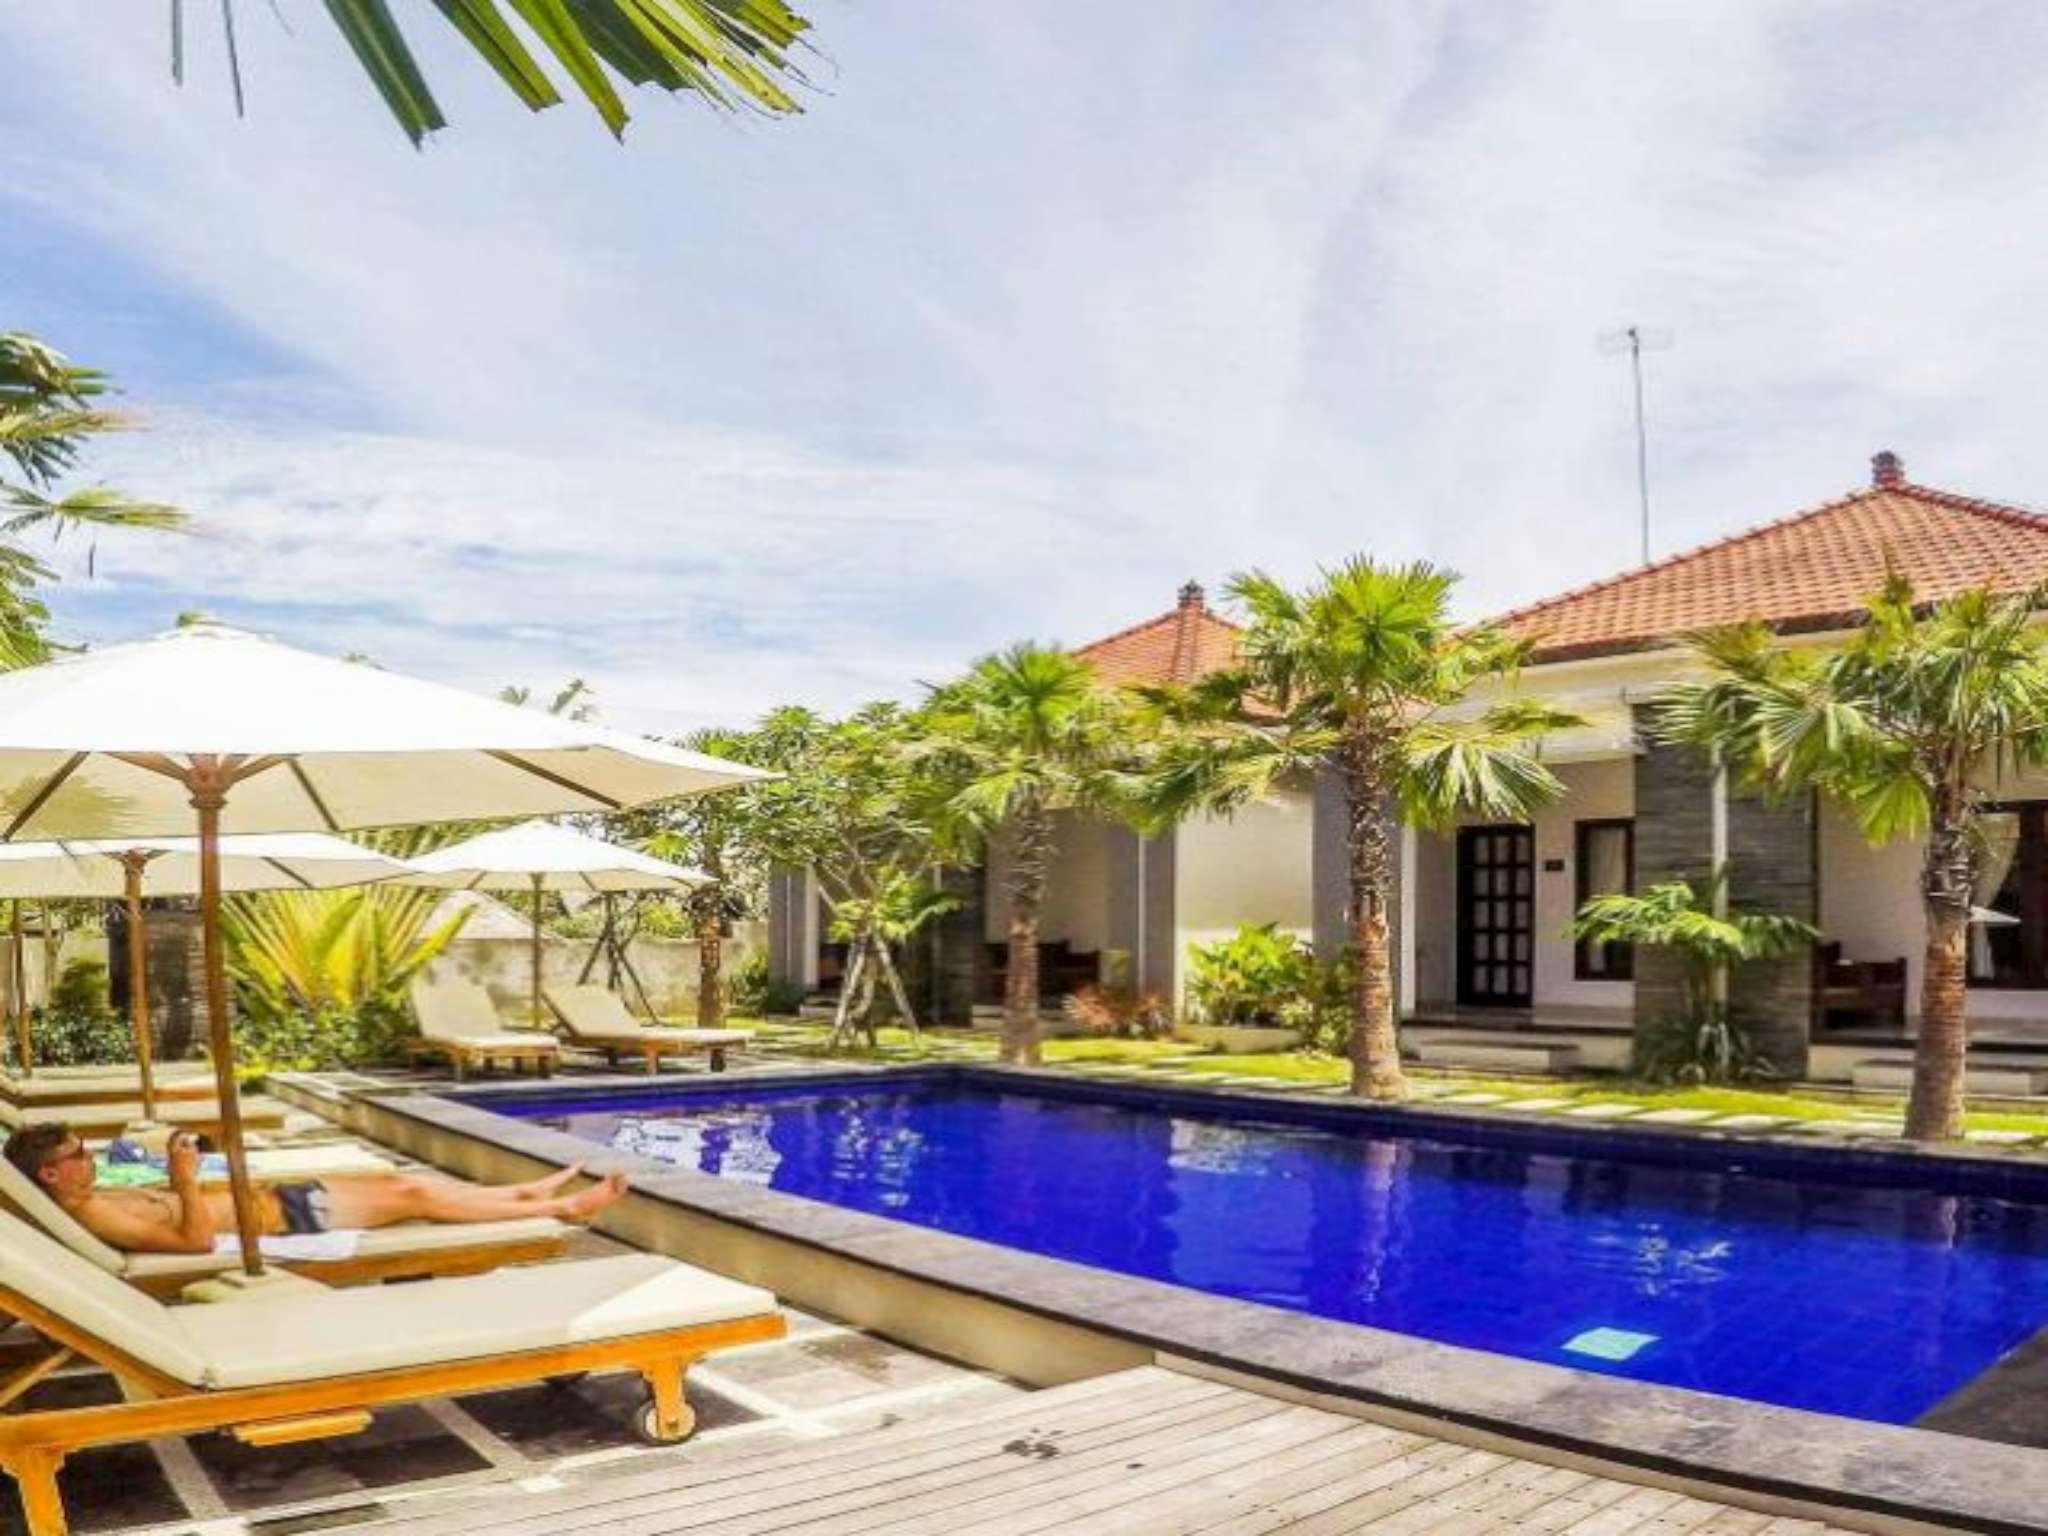 Jepun Bali Homestay Padang Padang Pemesanan Arah